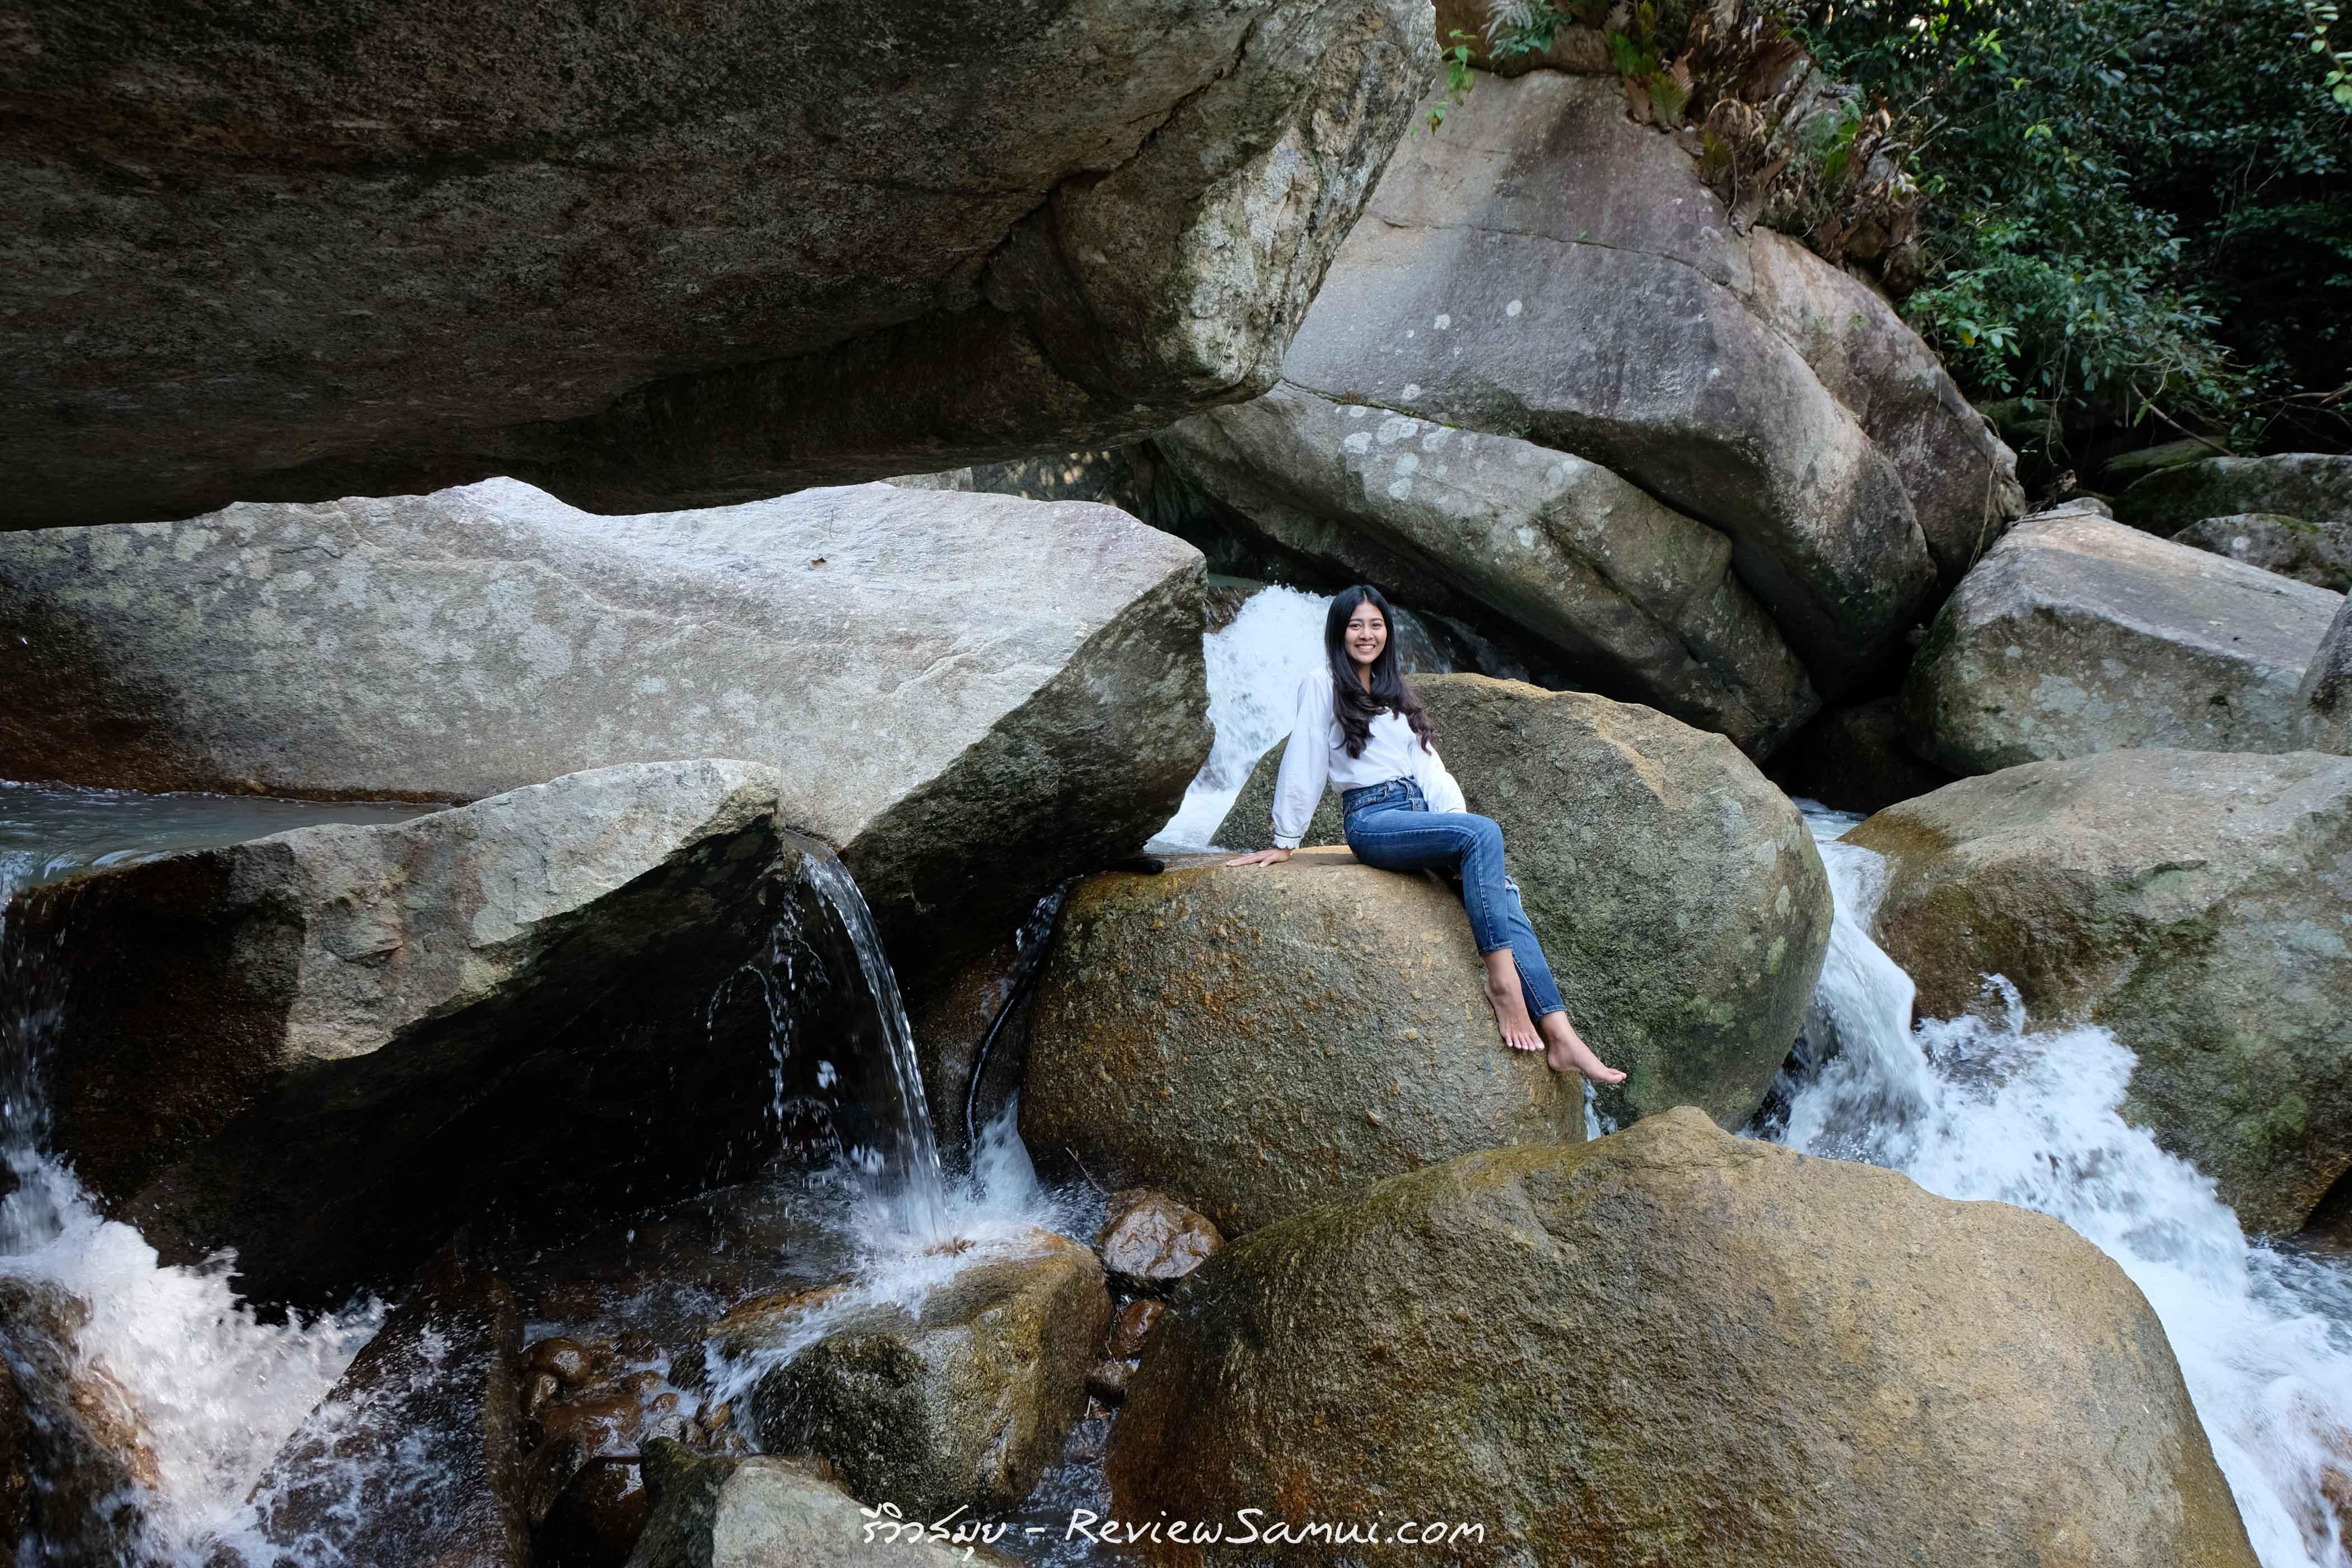 น้ำตกหินลาด รีวิวสมุย | Review samui